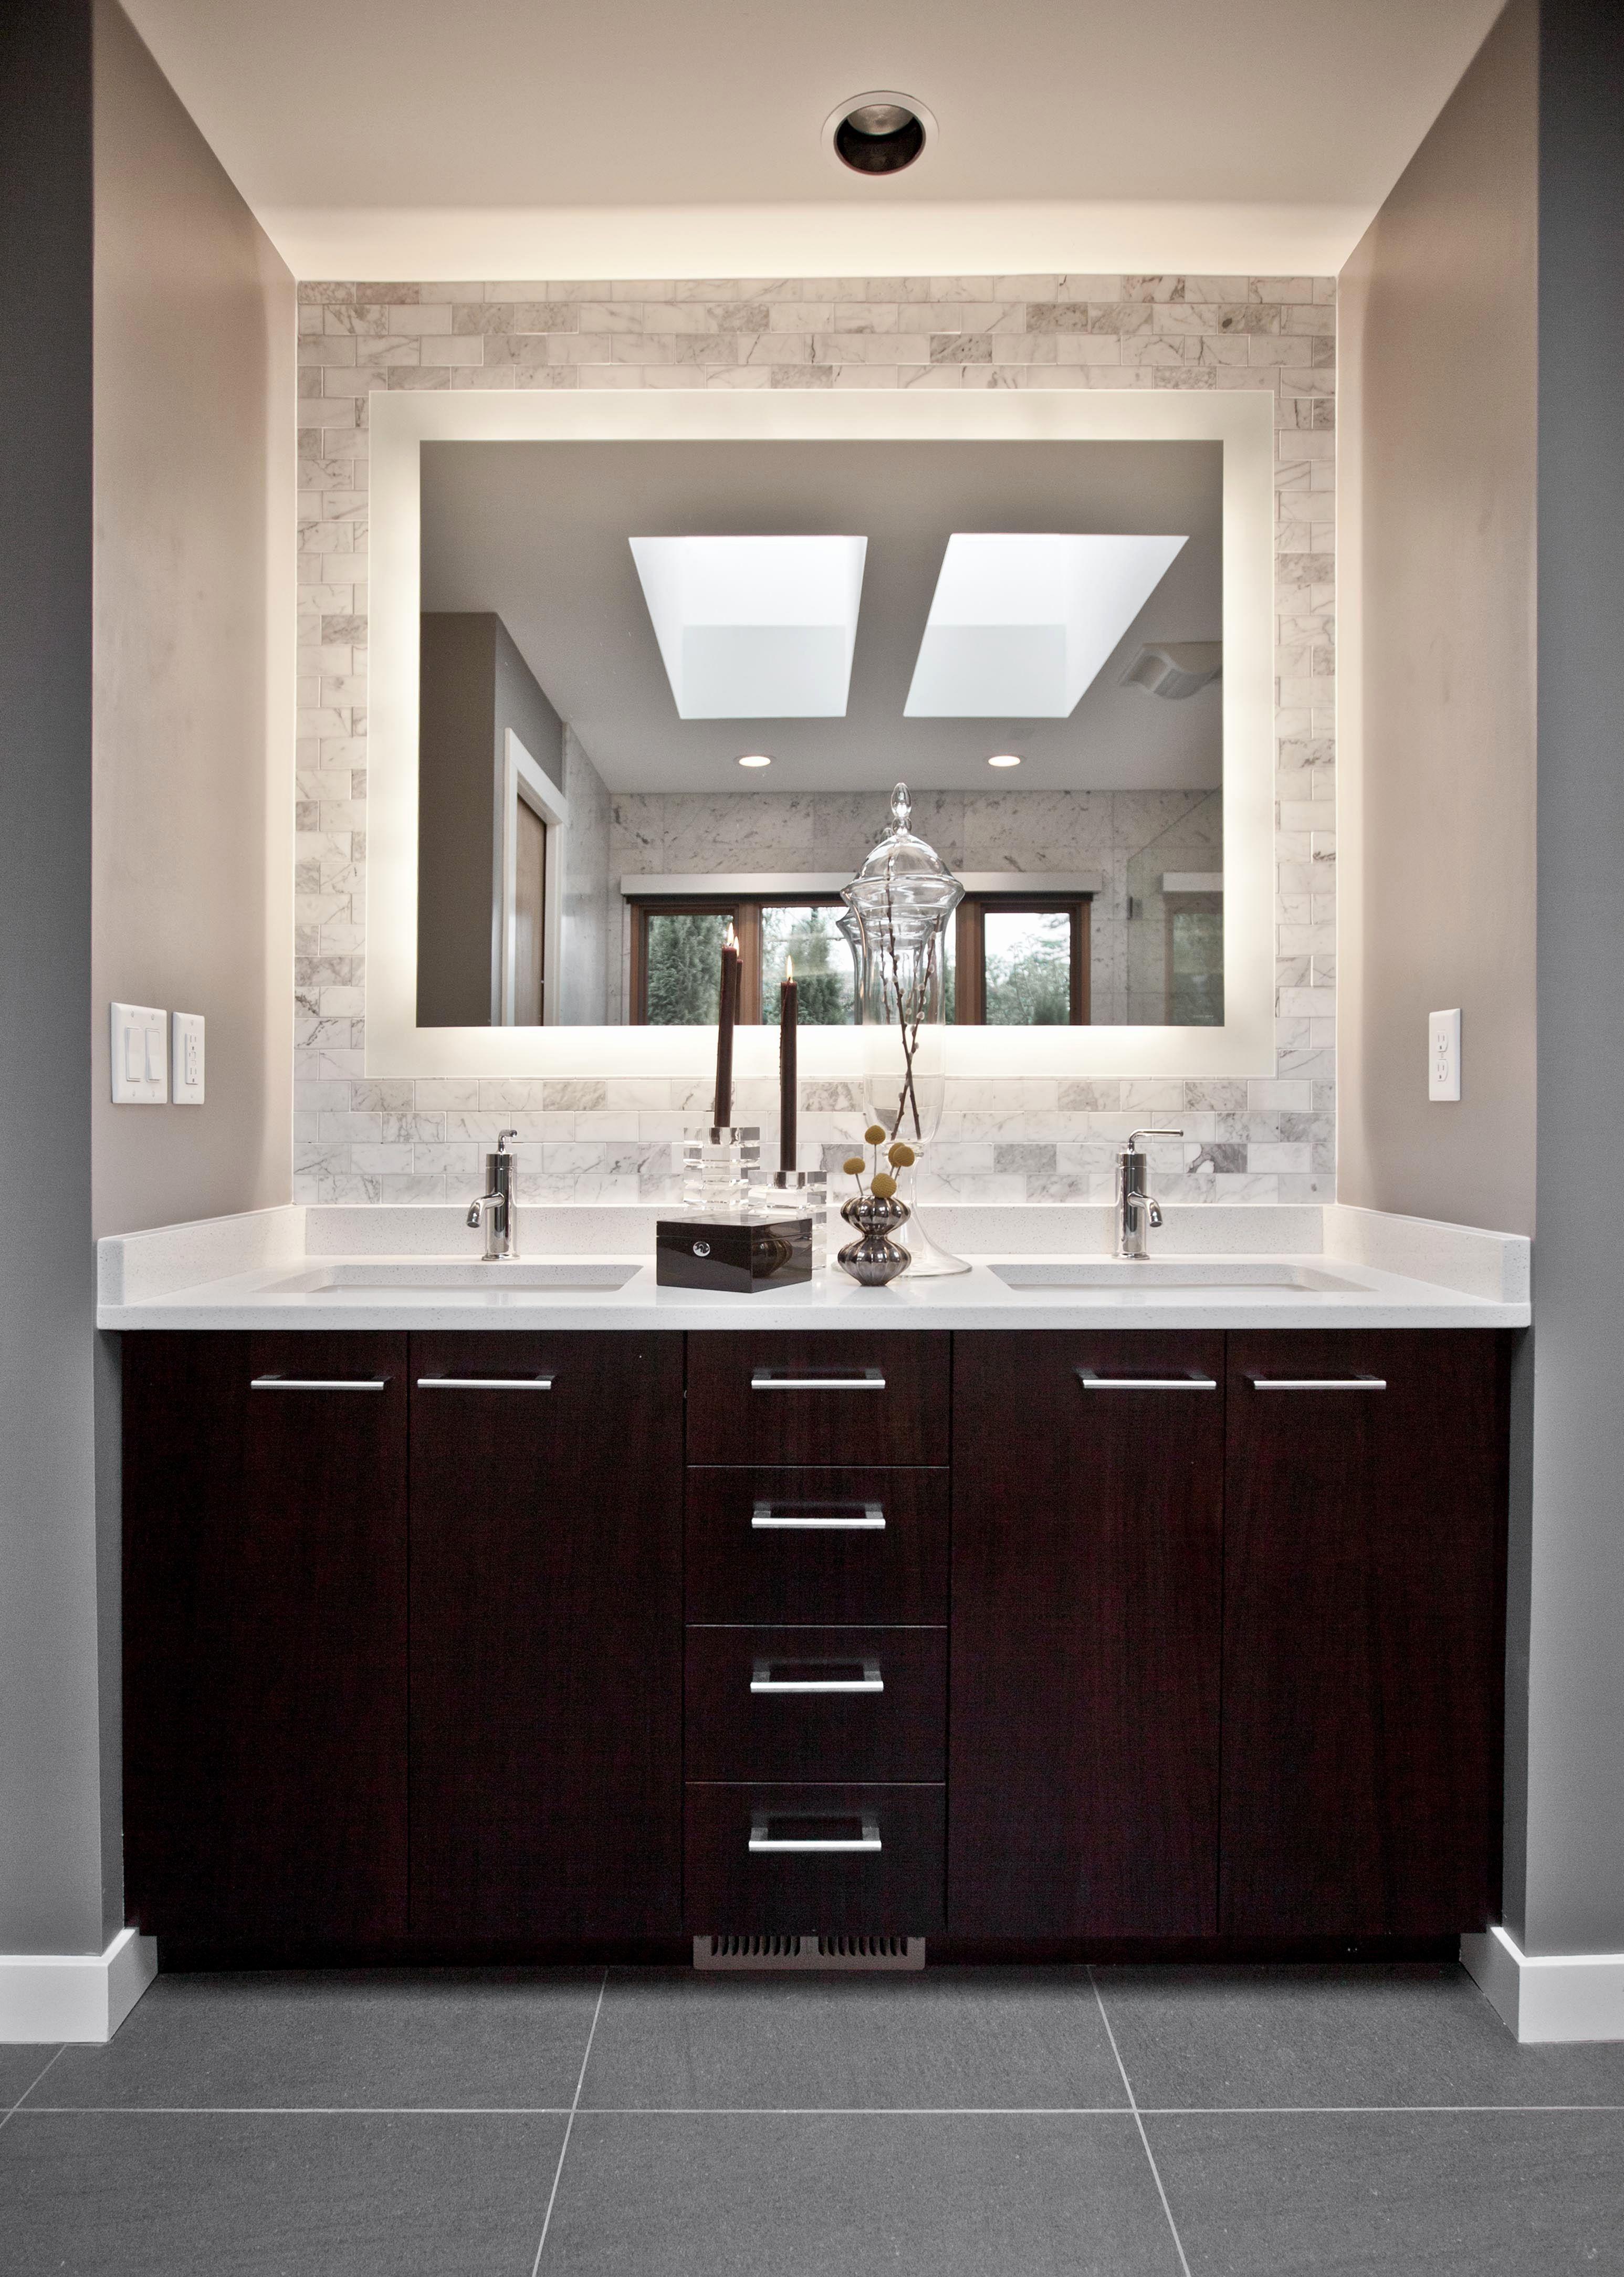 13 Amazing Modern Vanity Mirror Design Ideas For You To See Relaxing Bathroom Bathroom Vanity Designs Modern Bathroom